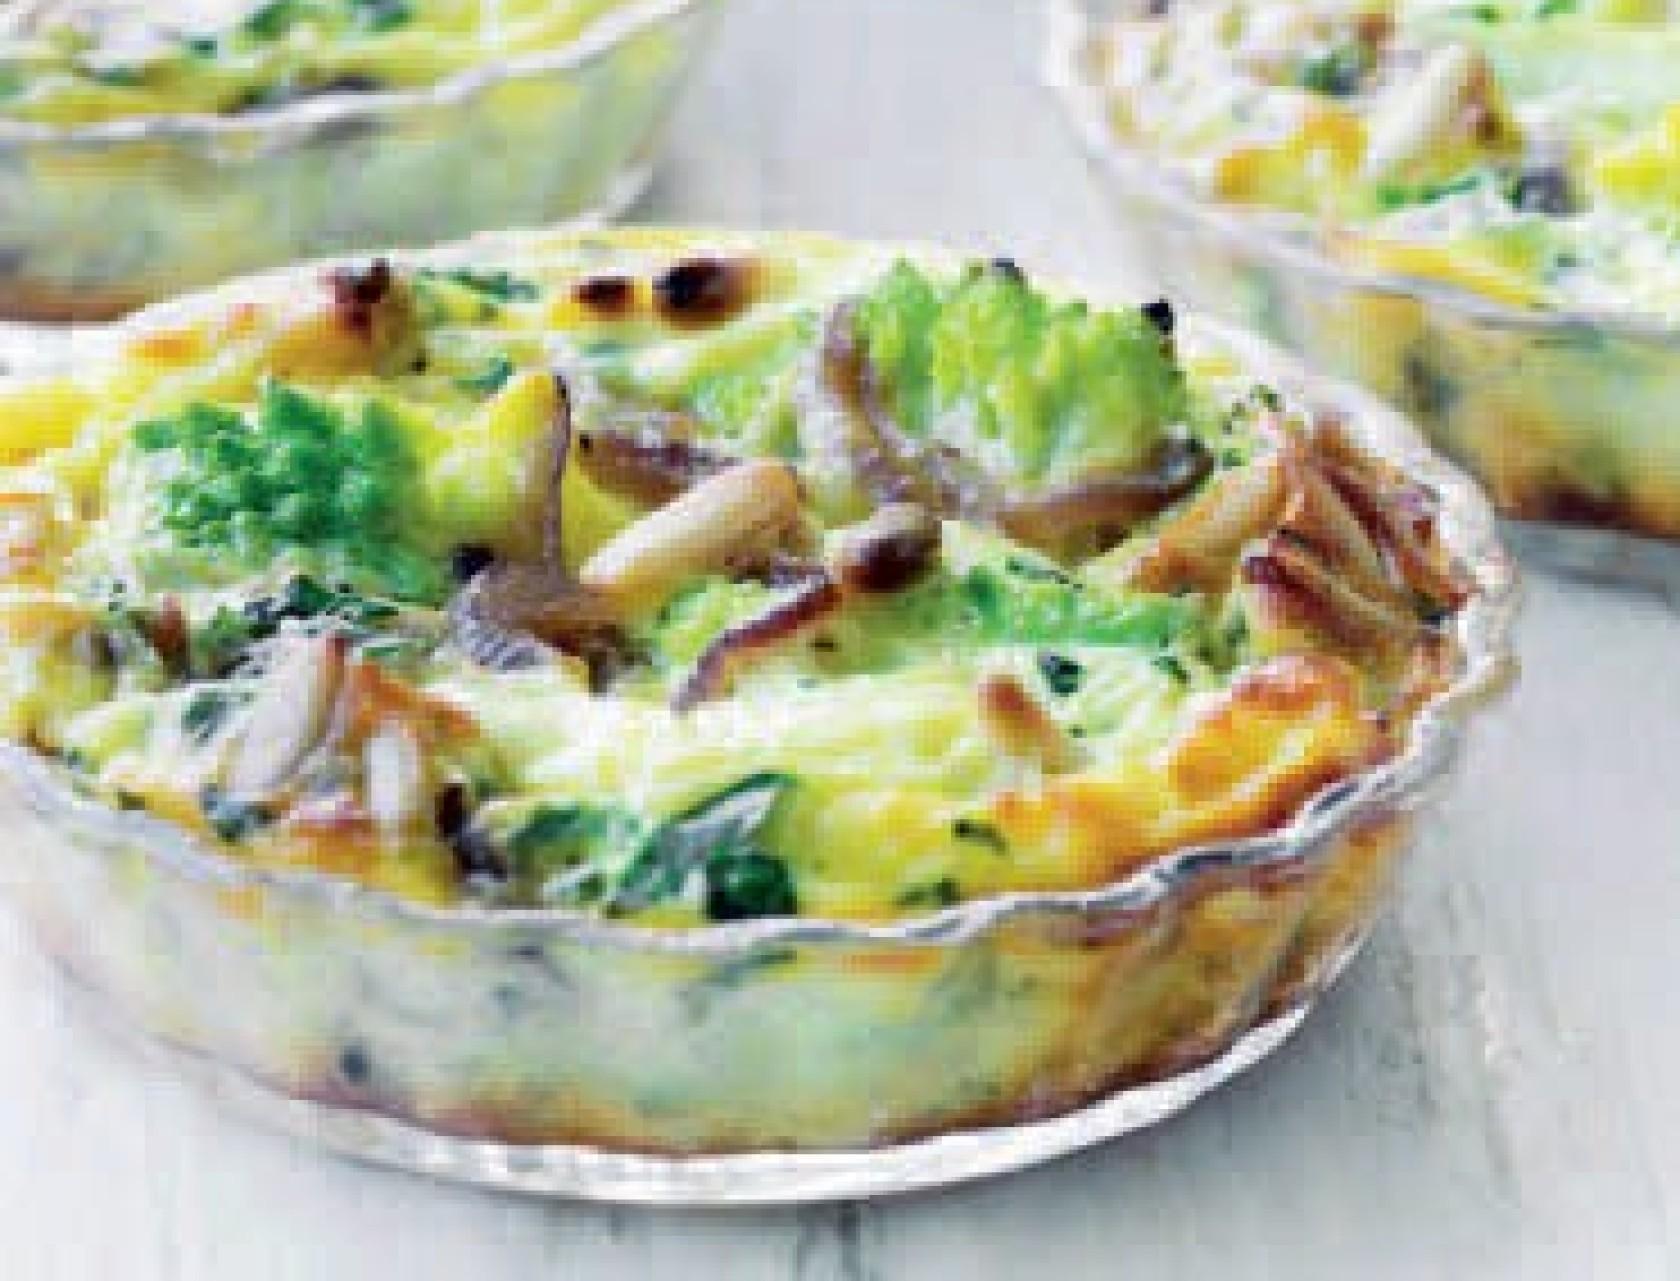 Nem grøntsagstærte til frokost